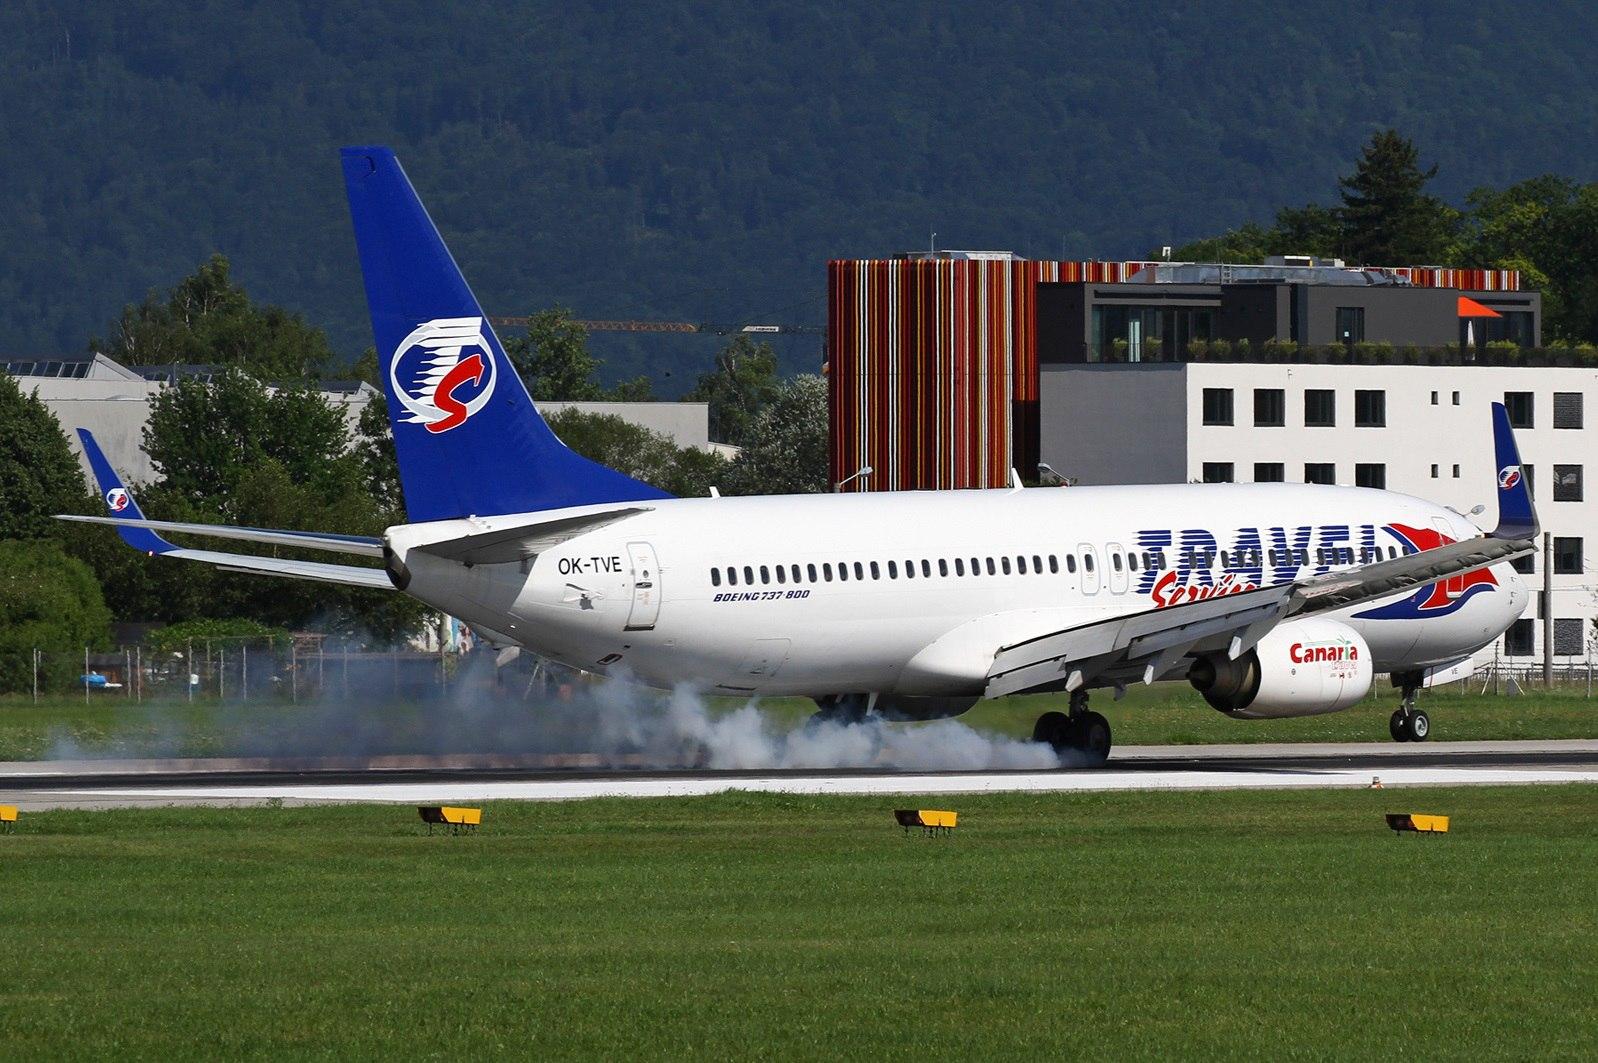 Самолет, участвовавший в инциденте